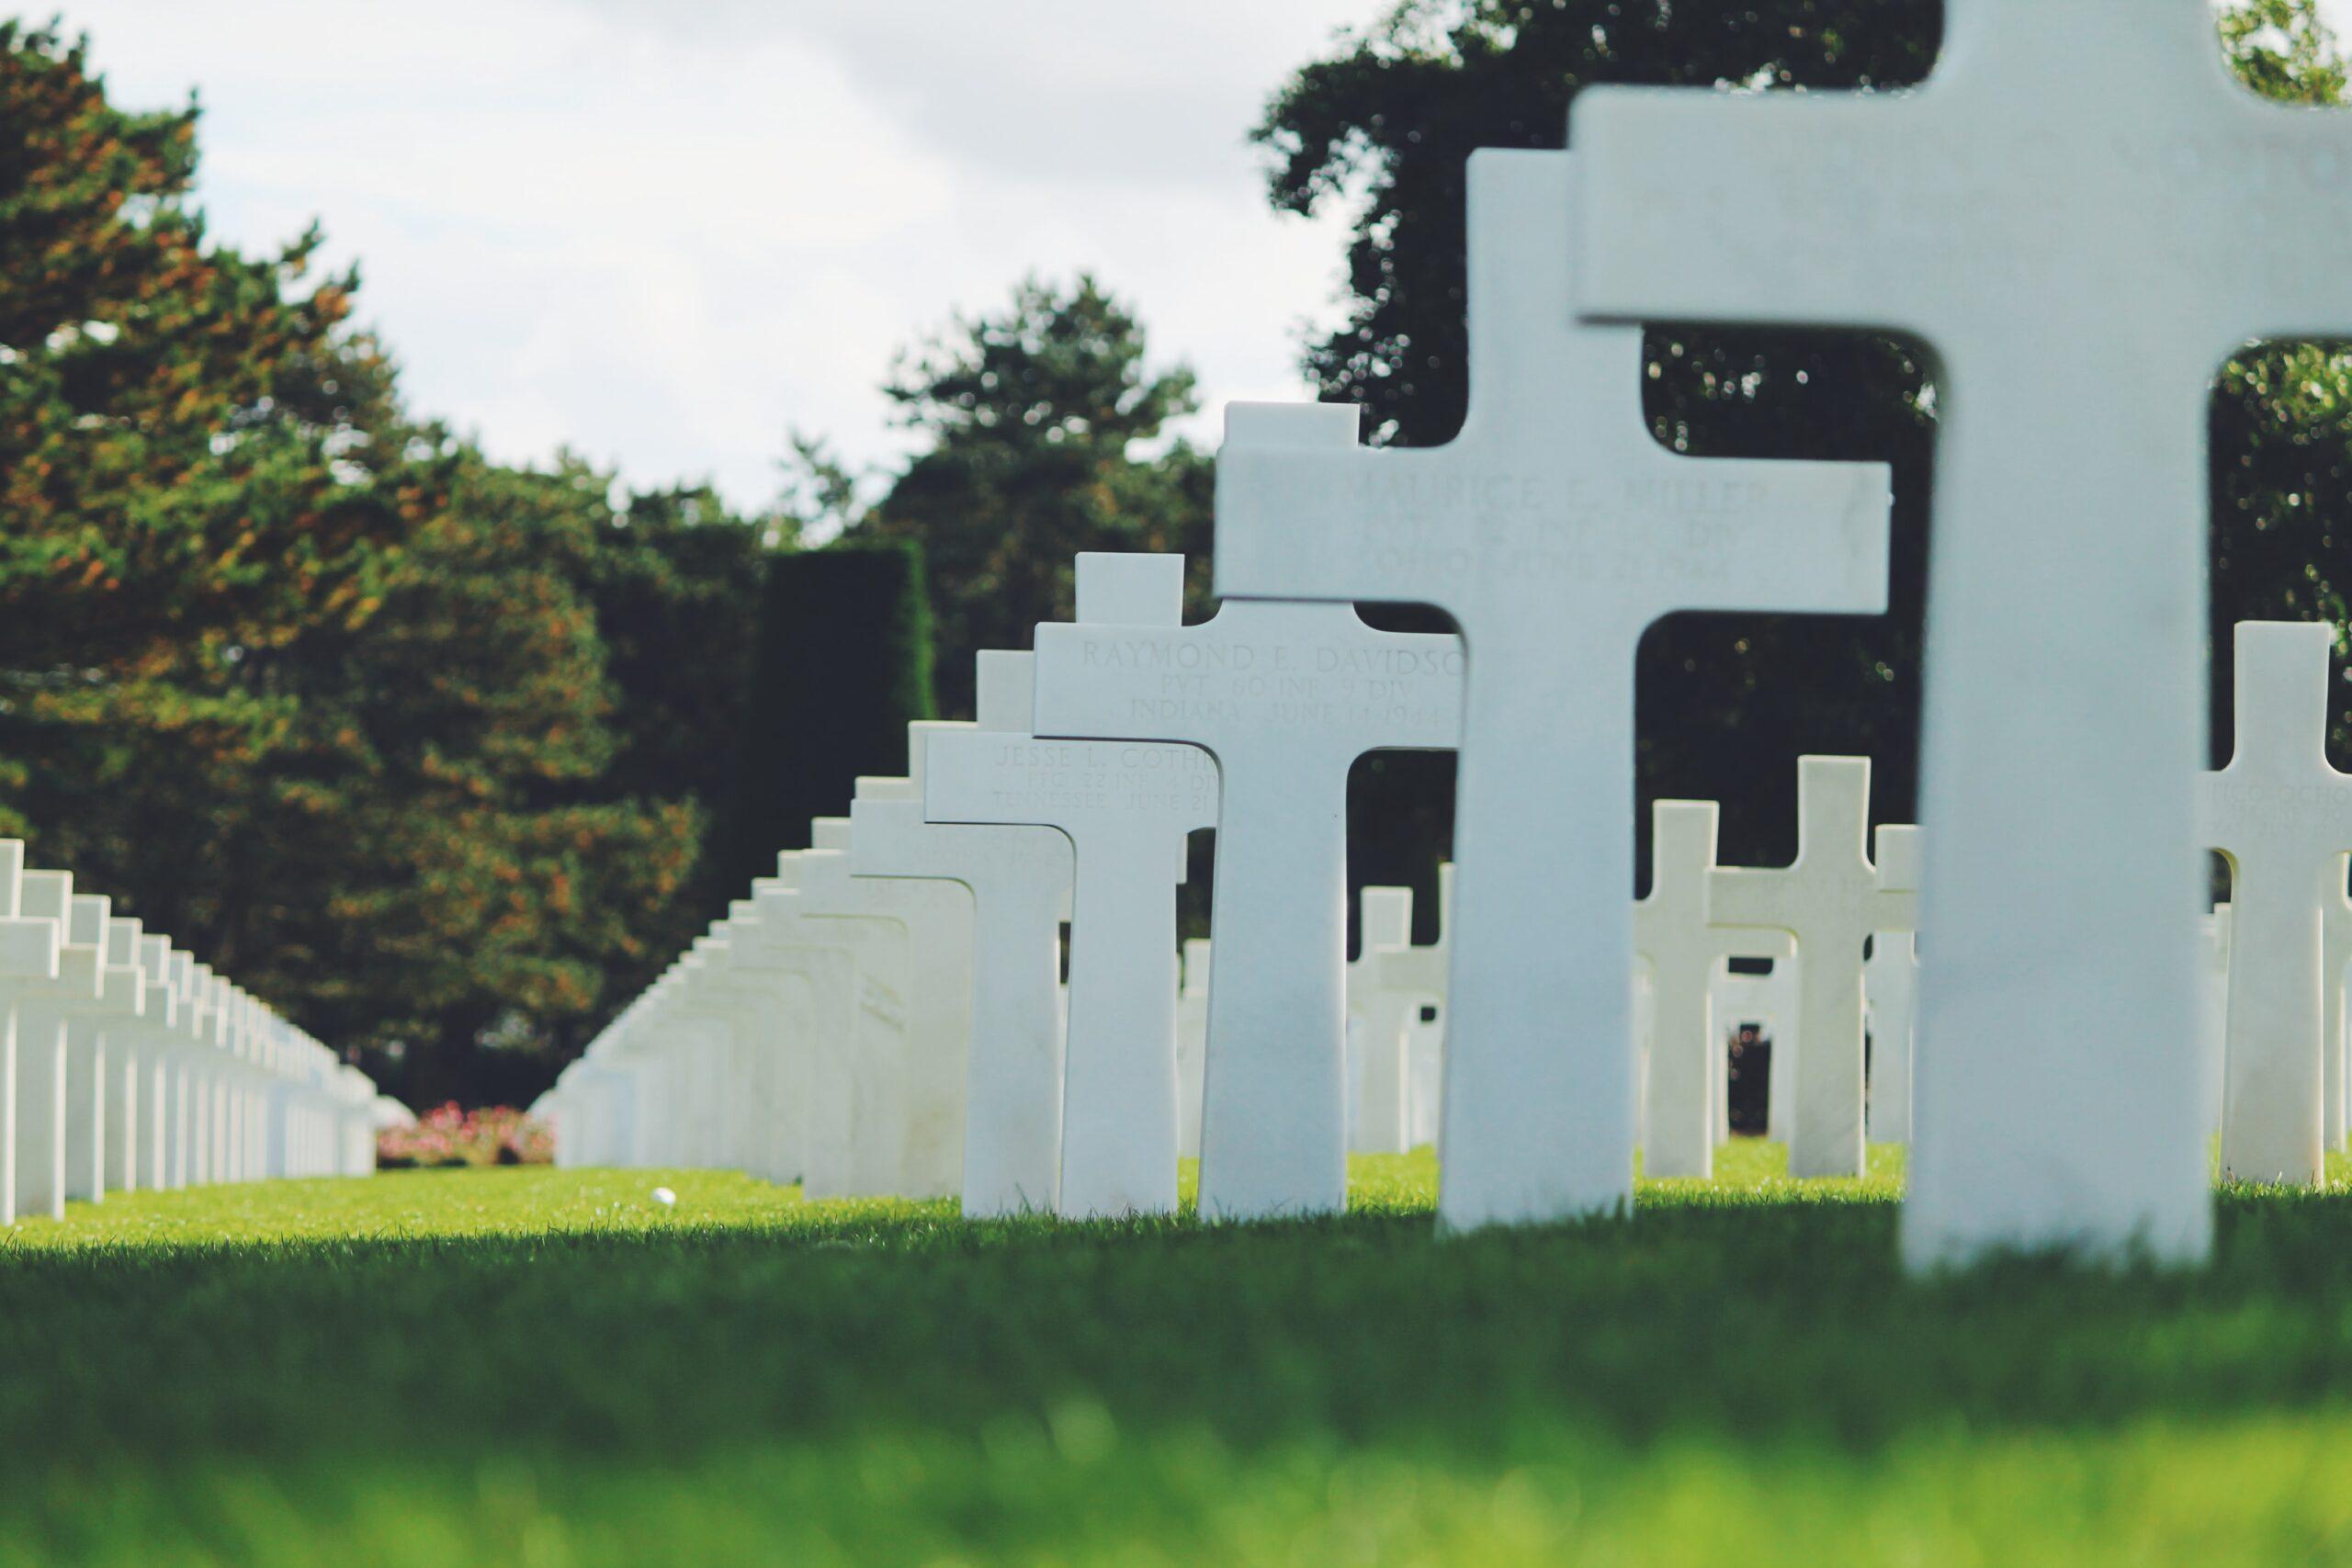 Nie wieder! 2. Sendung von VeRa zum Thema Faschismus